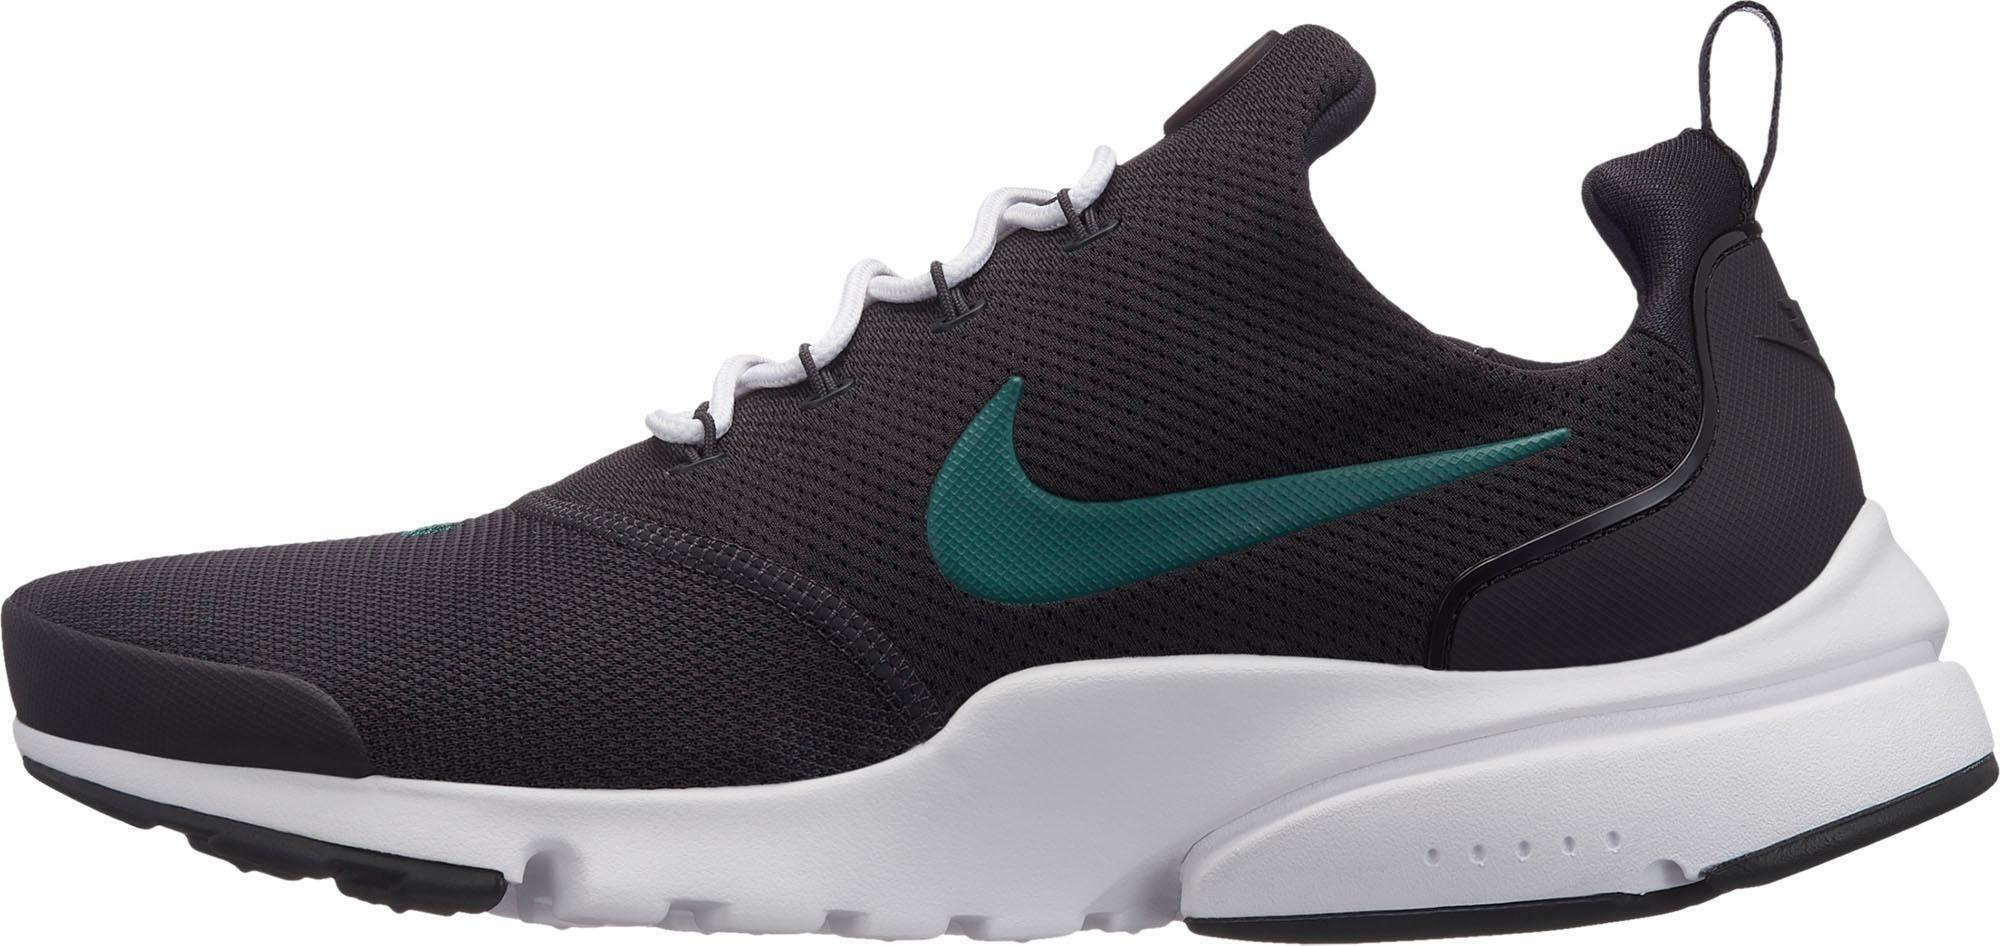 Nike Sportswear Presto Fly Sneaker online kaufen  anthrazit-petrol